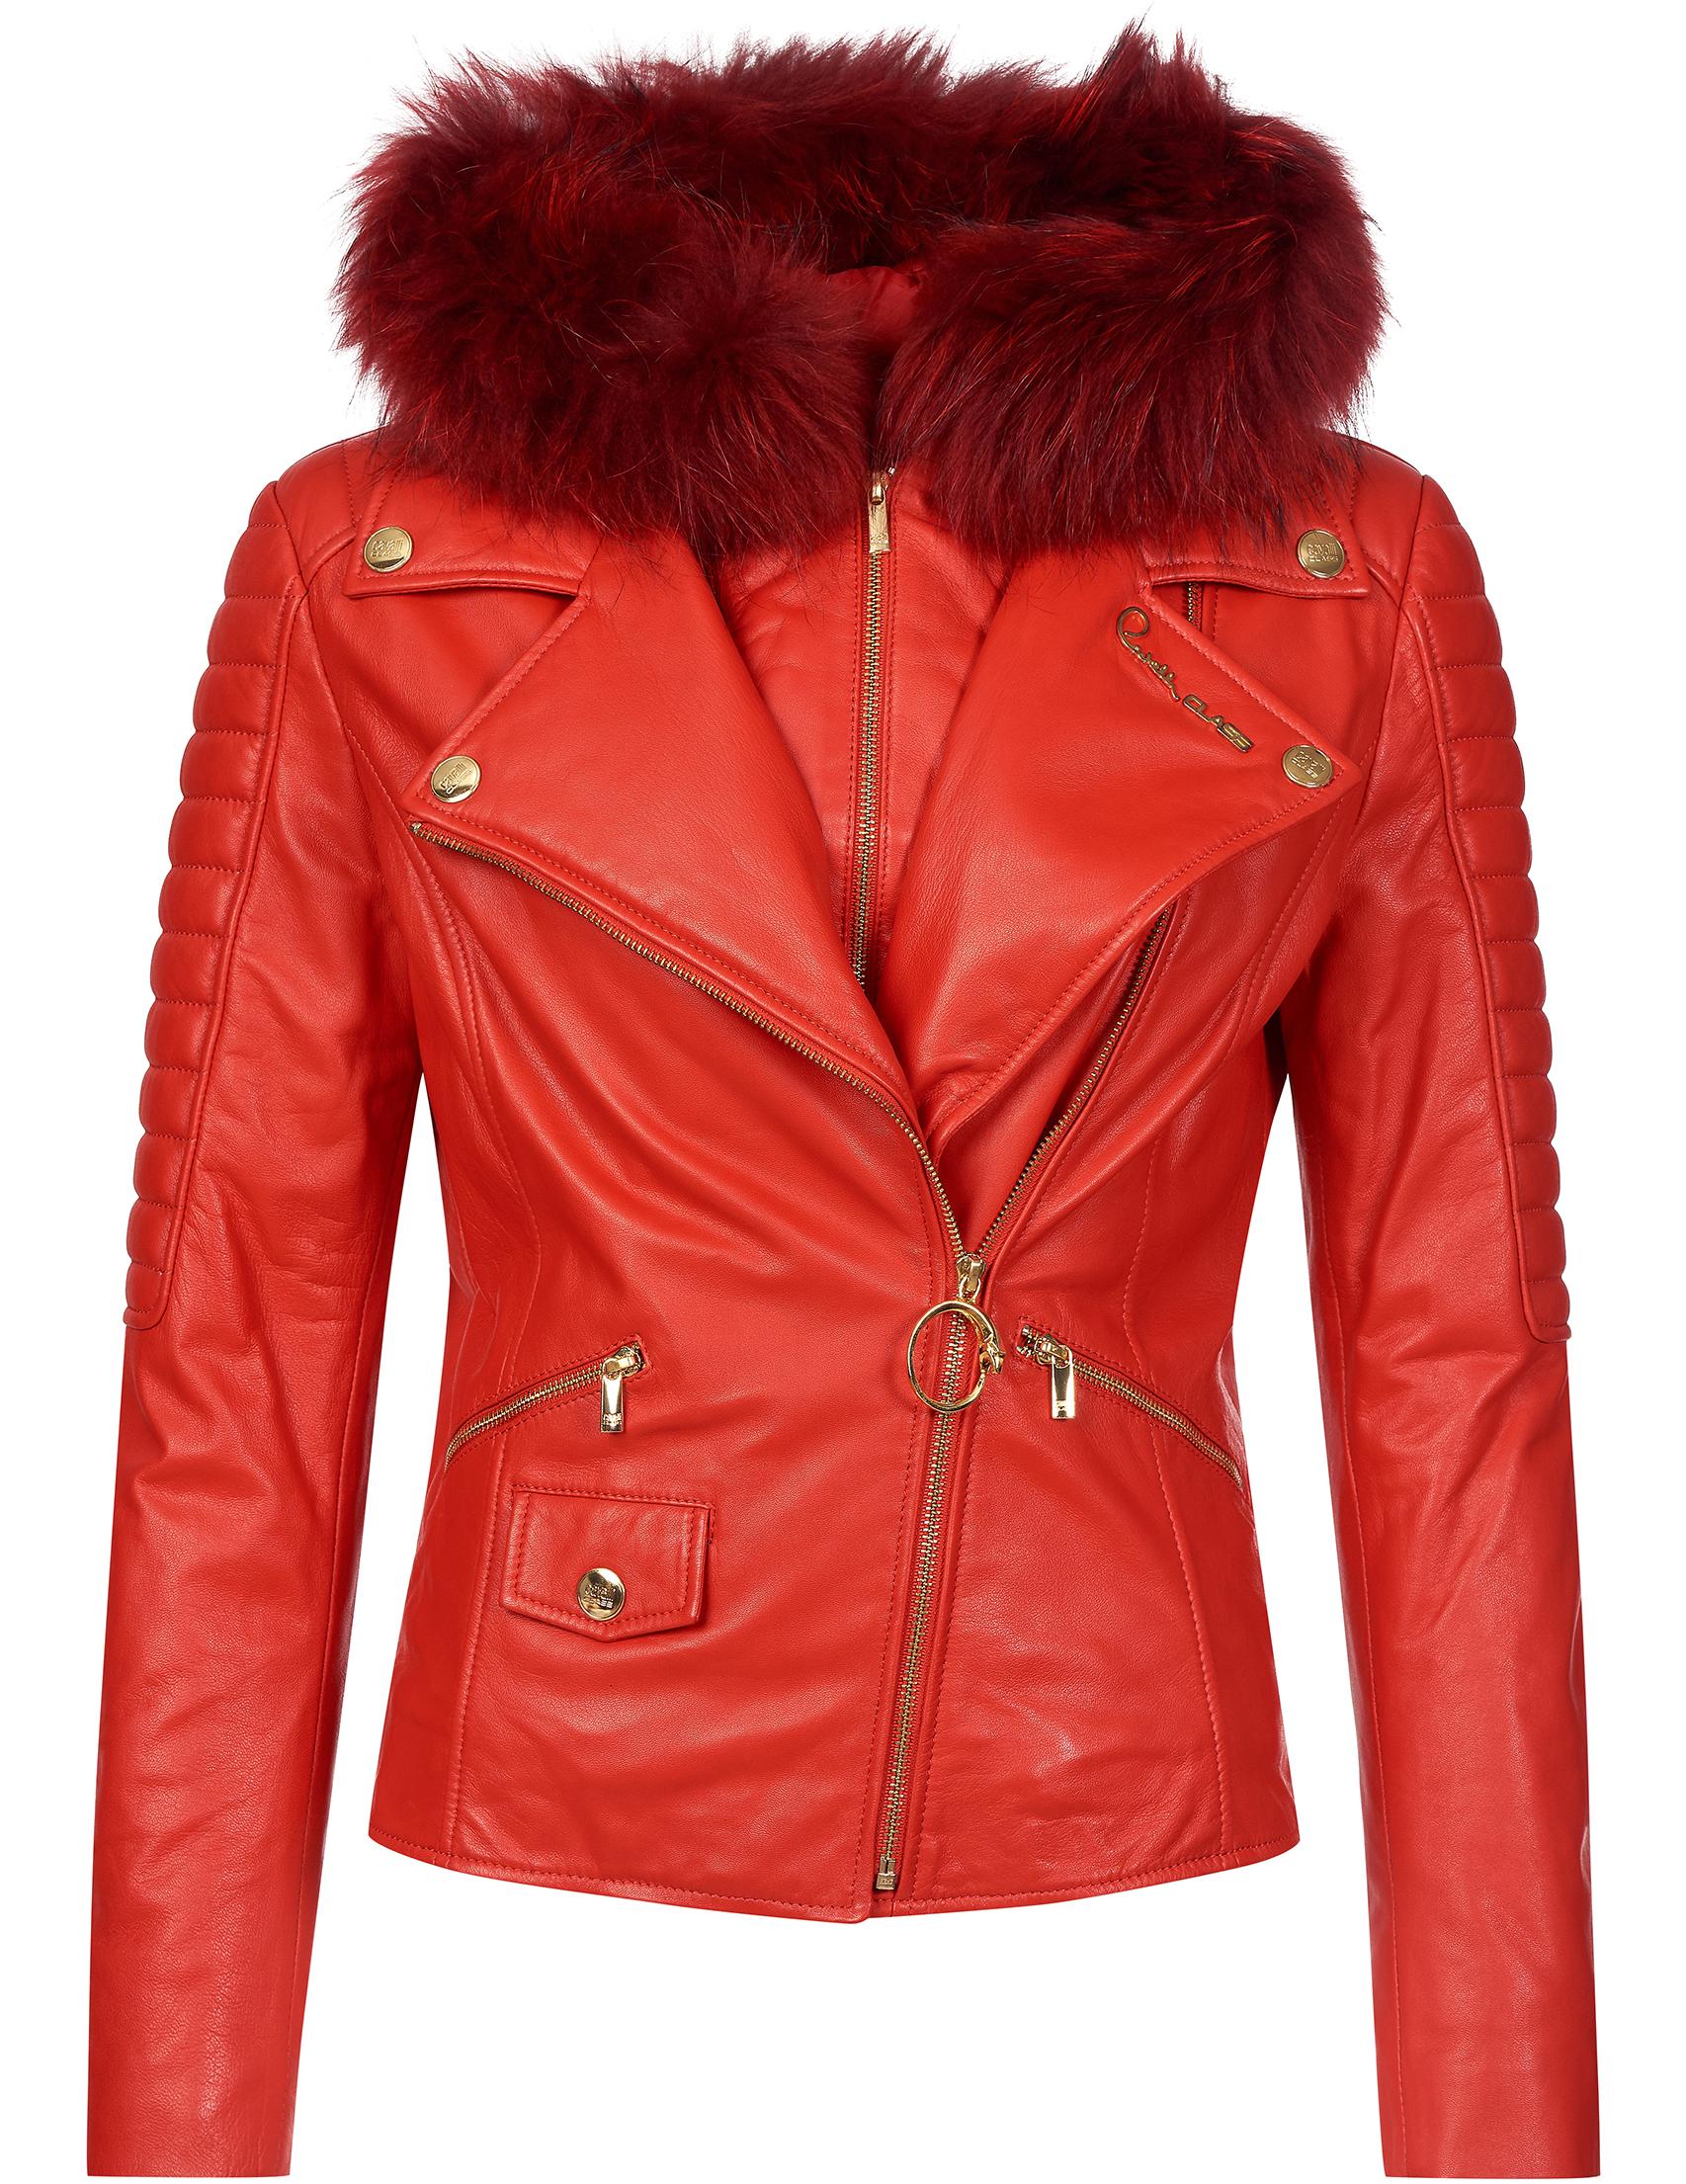 Купить Куртки, Куртка, CAVALLI CLASS, Красный, 100%Кожа;100%Полиэстер, Осень-Зима